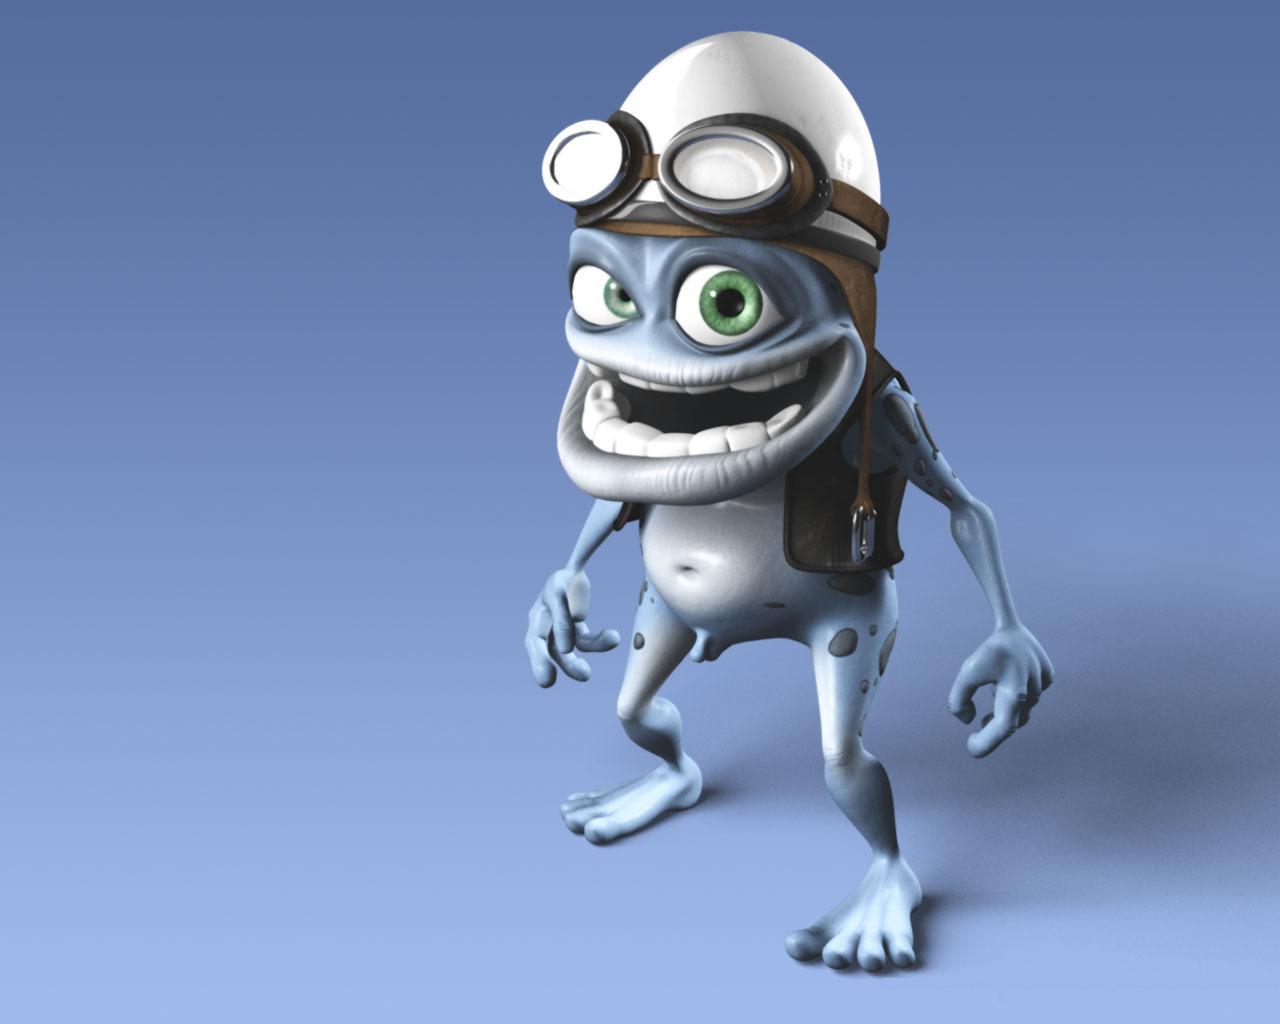 http://3.bp.blogspot.com/-IDqR8GbGBt0/UBAFIAAUZ9I/AAAAAAAAAt8/p9vojBI27H4/s1600/crazy-frog.jpg